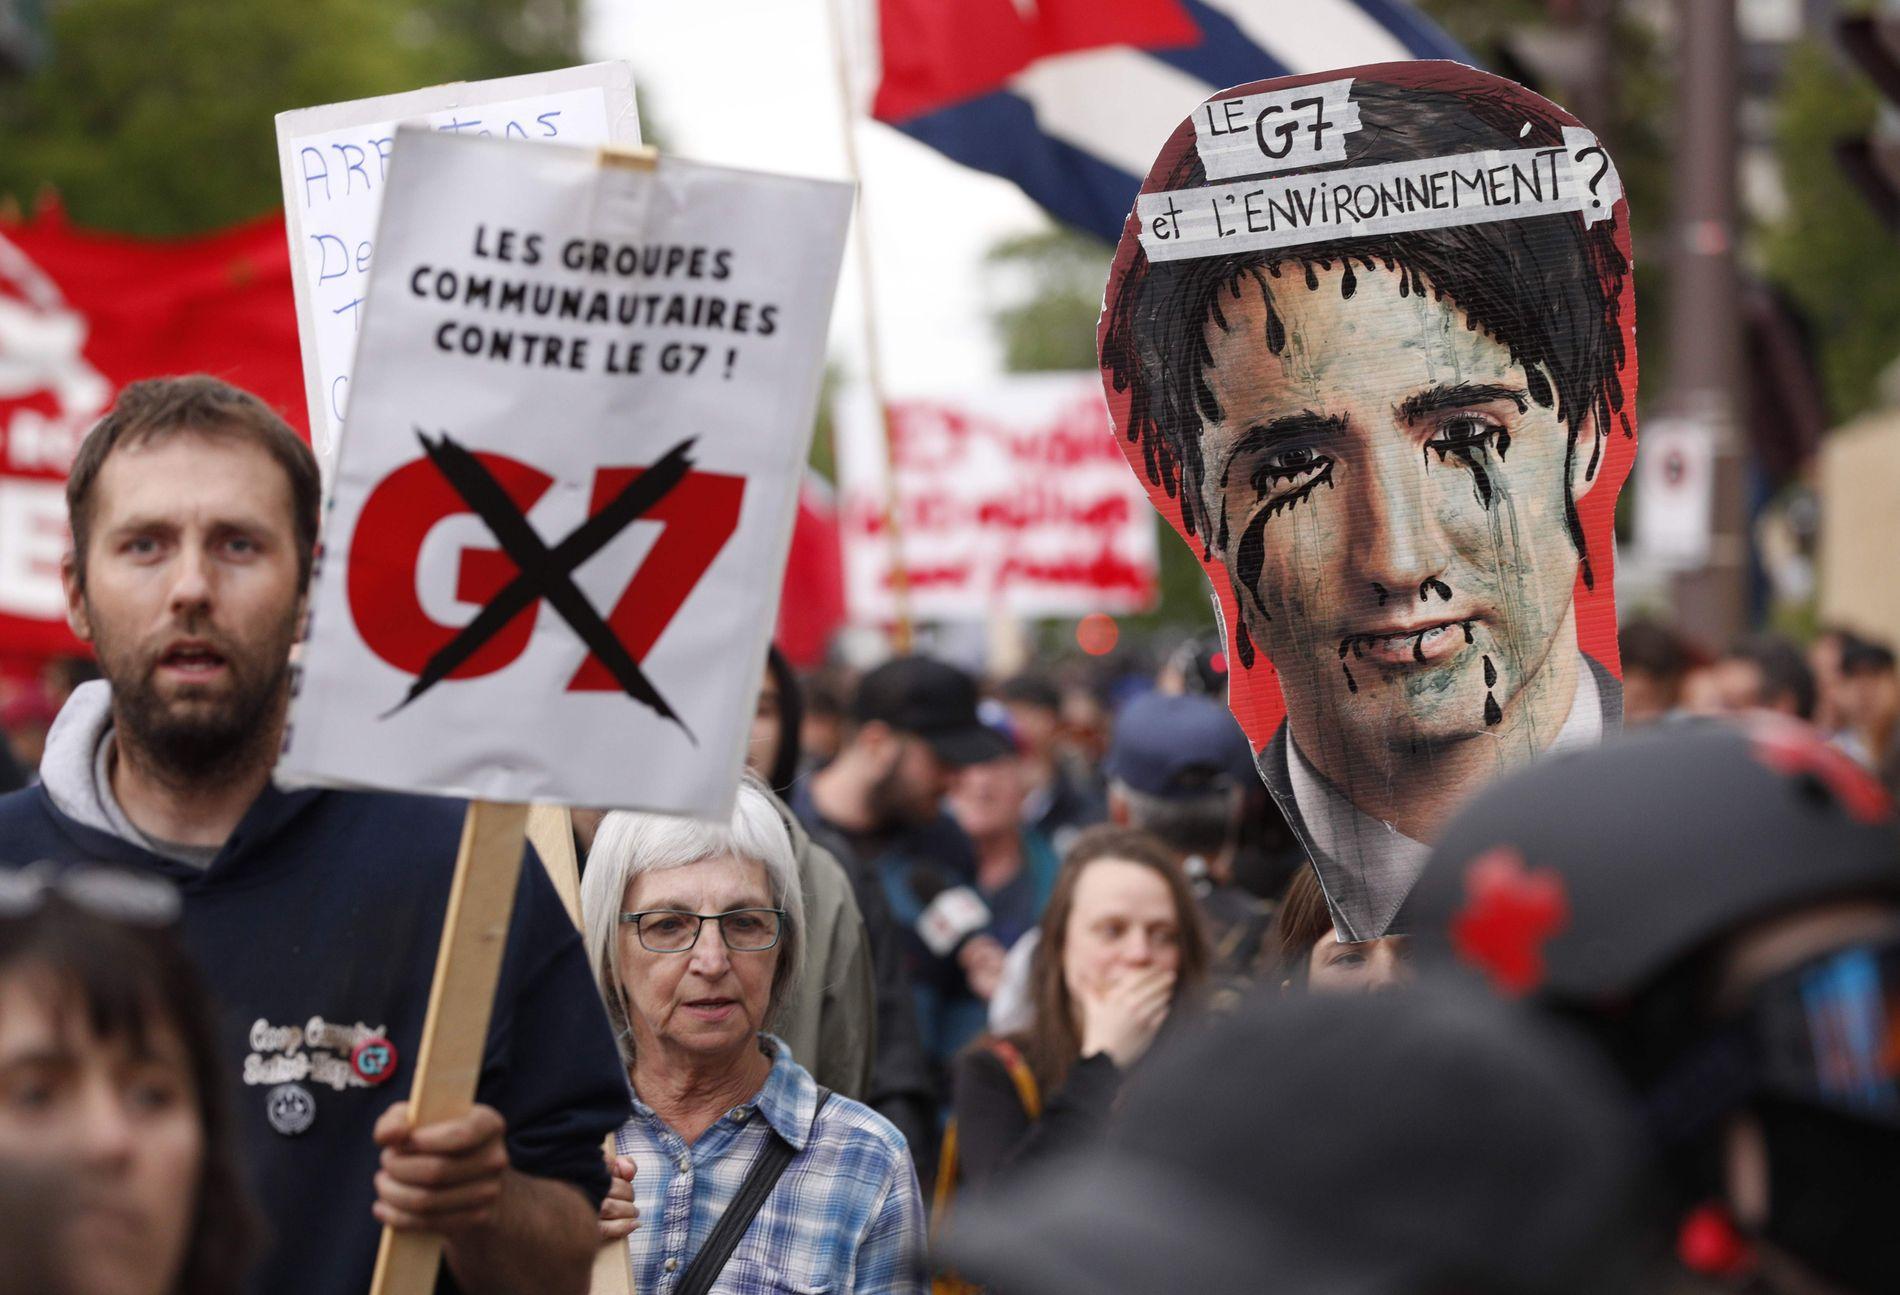 DEMONSTRASJON: Som ved alle G7-møter, er det også denne gangen store demonstrasjoner og stort politioppbud for å beskytte deltagerne.